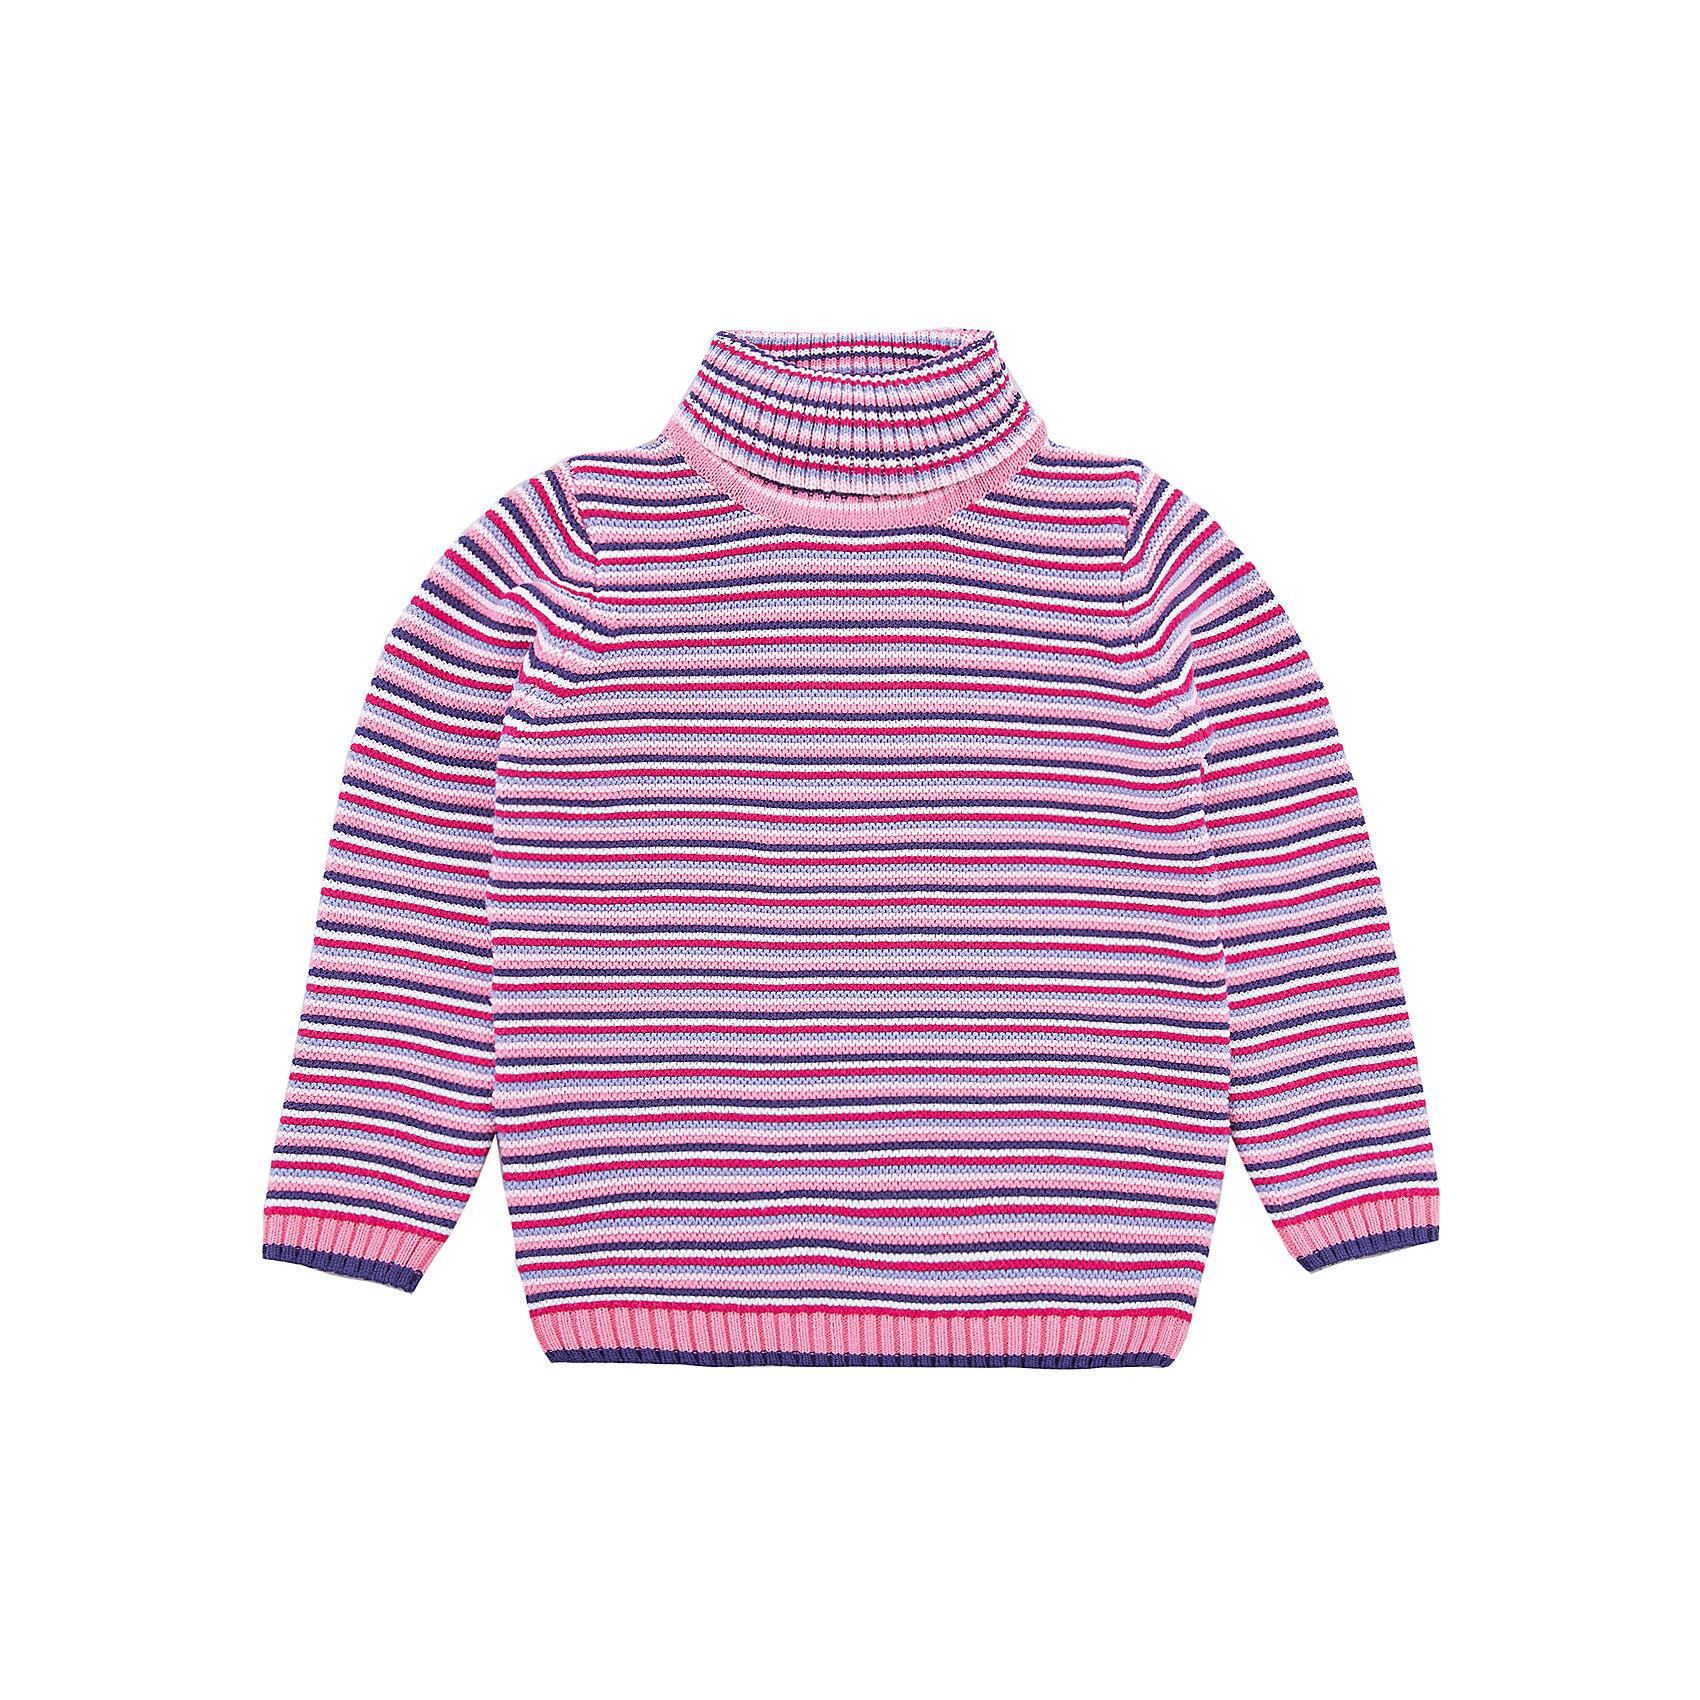 Свитер PlayToday для девочкиСвитера и кардиганы<br>Свитер PlayToday для девочки<br>Удобный свитер - отличное решение для повседневного гардероба ребенка. Модель выполнена по технологии yarn dyed -  в процессе производства используются разного цвета нити. Изделие, при рекомендуемом уходе, не линяет и надолго остается в первоначальном виде. Горловина, манжеты и низ изделия на мягких трикотажных резинках. Свободный крой не сковывает движений ребенка.<br>Состав:<br>60% хлопок, 40% акрил<br><br>Ширина мм: 190<br>Глубина мм: 74<br>Высота мм: 229<br>Вес г: 236<br>Цвет: белый<br>Возраст от месяцев: 84<br>Возраст до месяцев: 96<br>Пол: Женский<br>Возраст: Детский<br>Размер: 128,98,104,110,116,122<br>SKU: 7115351